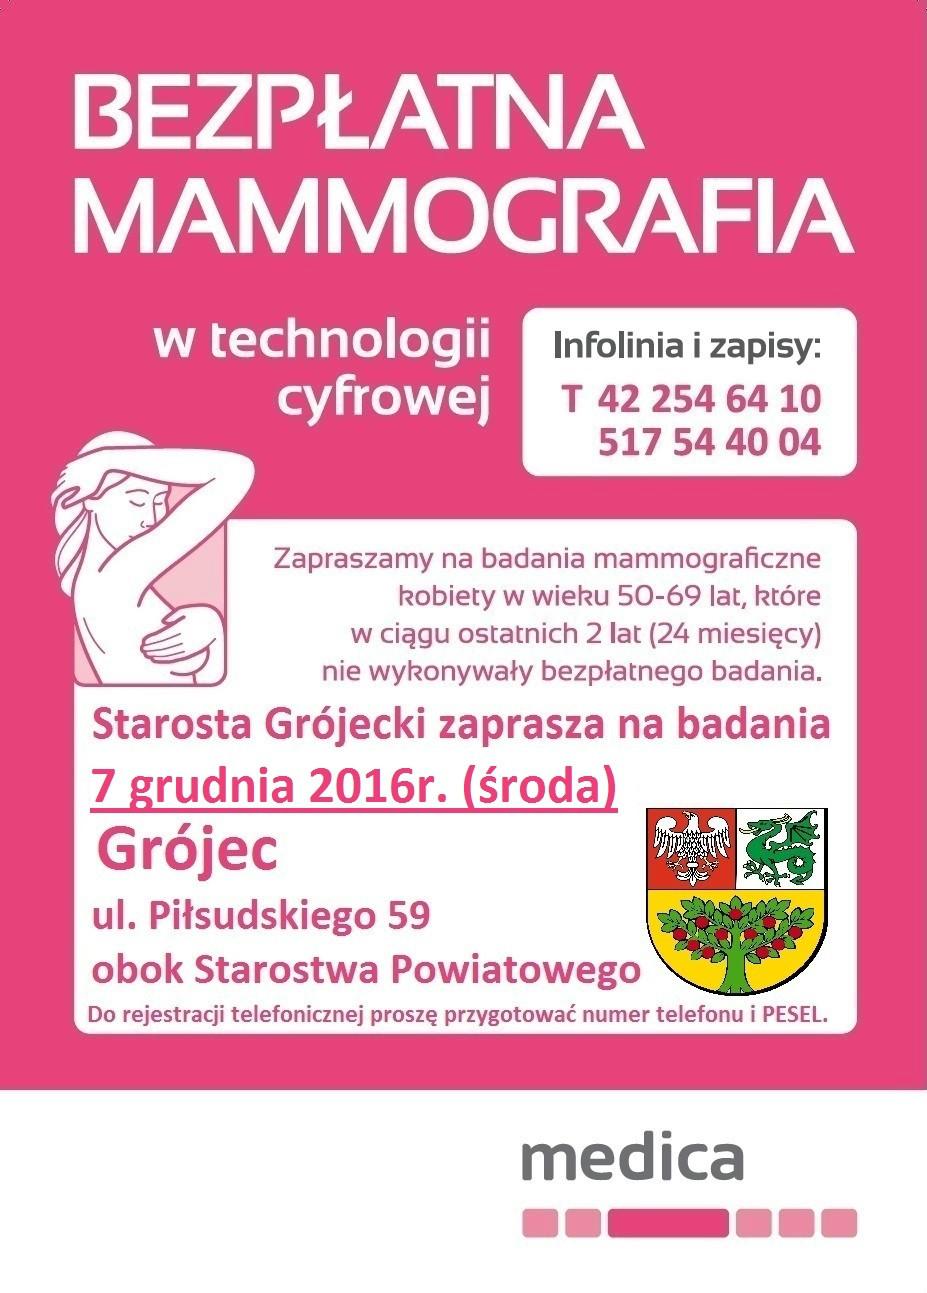 Bezpłatne badania mammograficzne - Grójec 7.12.2016 r. ul. Piłsudskiego 59